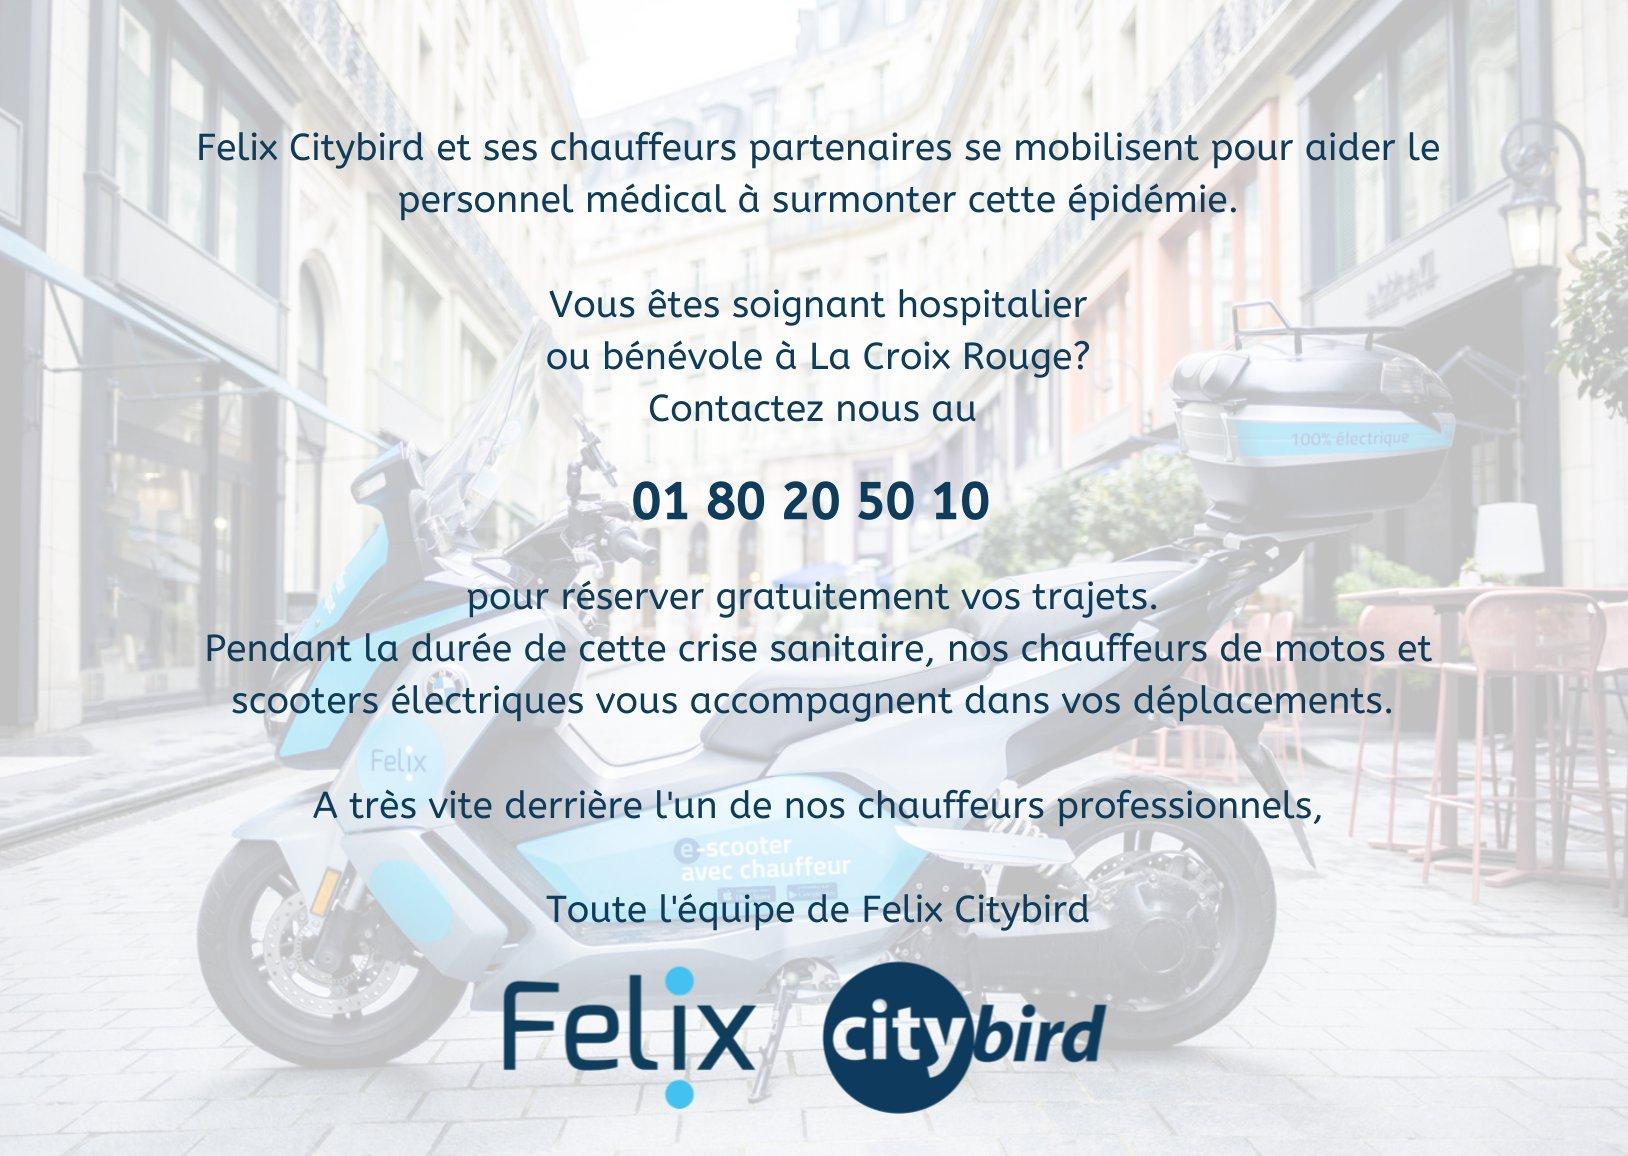 Felix-citybird #vtc #moto #taxi